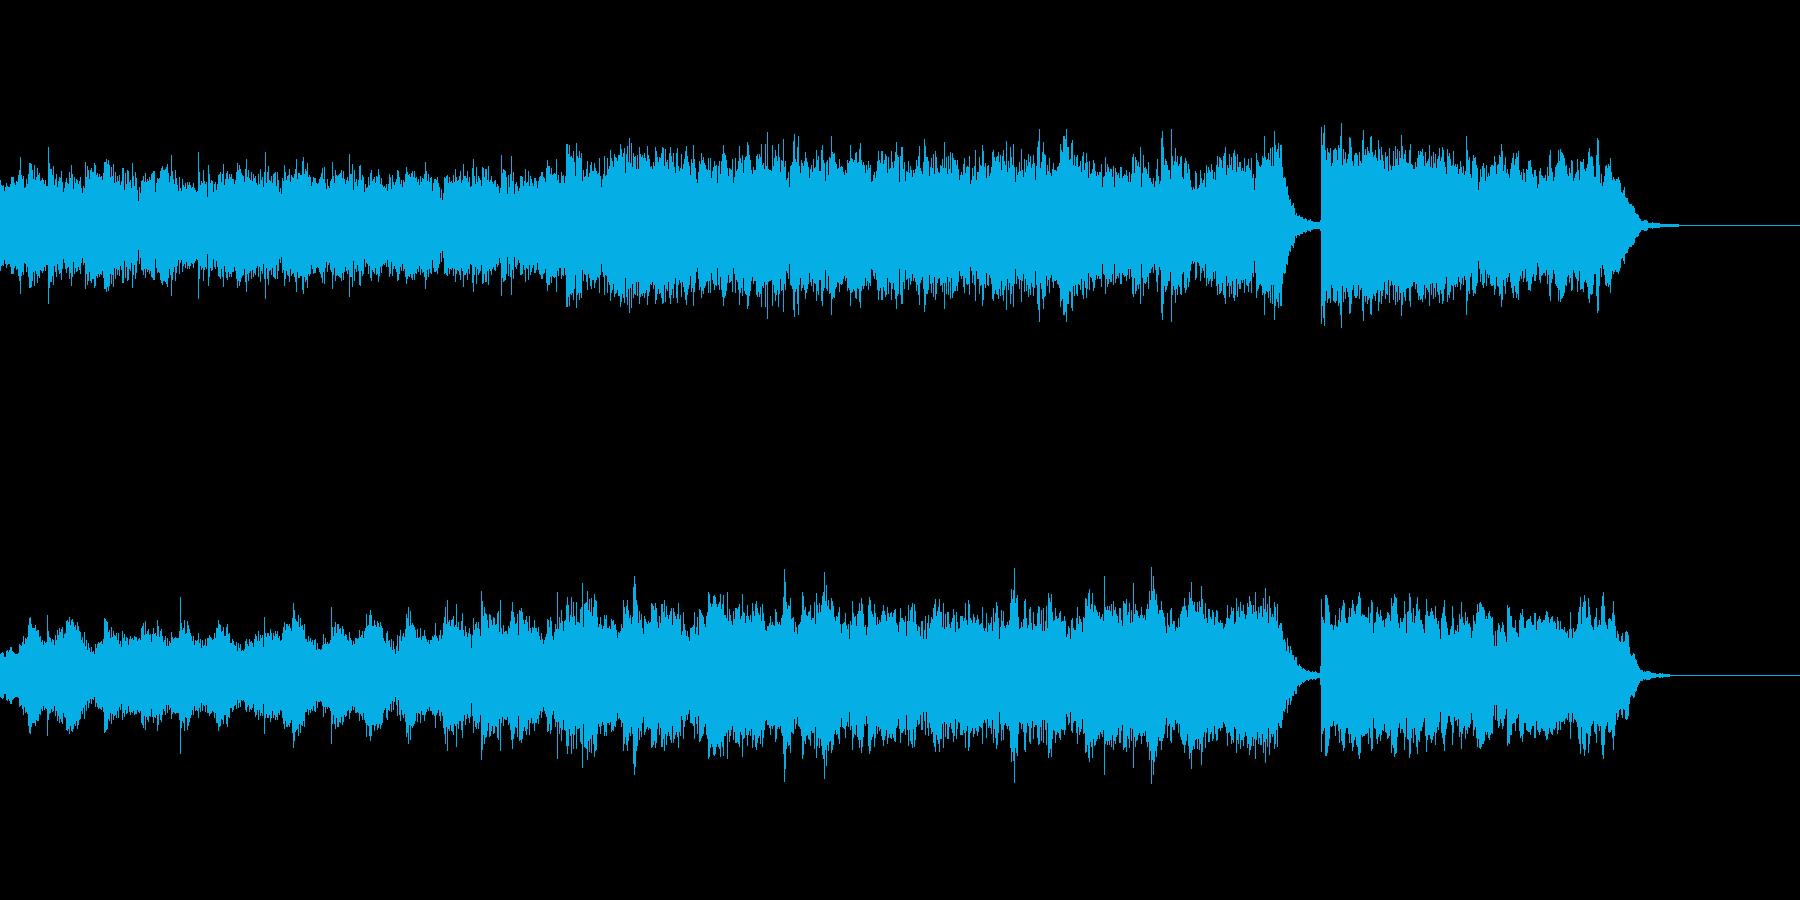 映像用 ピアノと弦楽器の優雅な曲の再生済みの波形